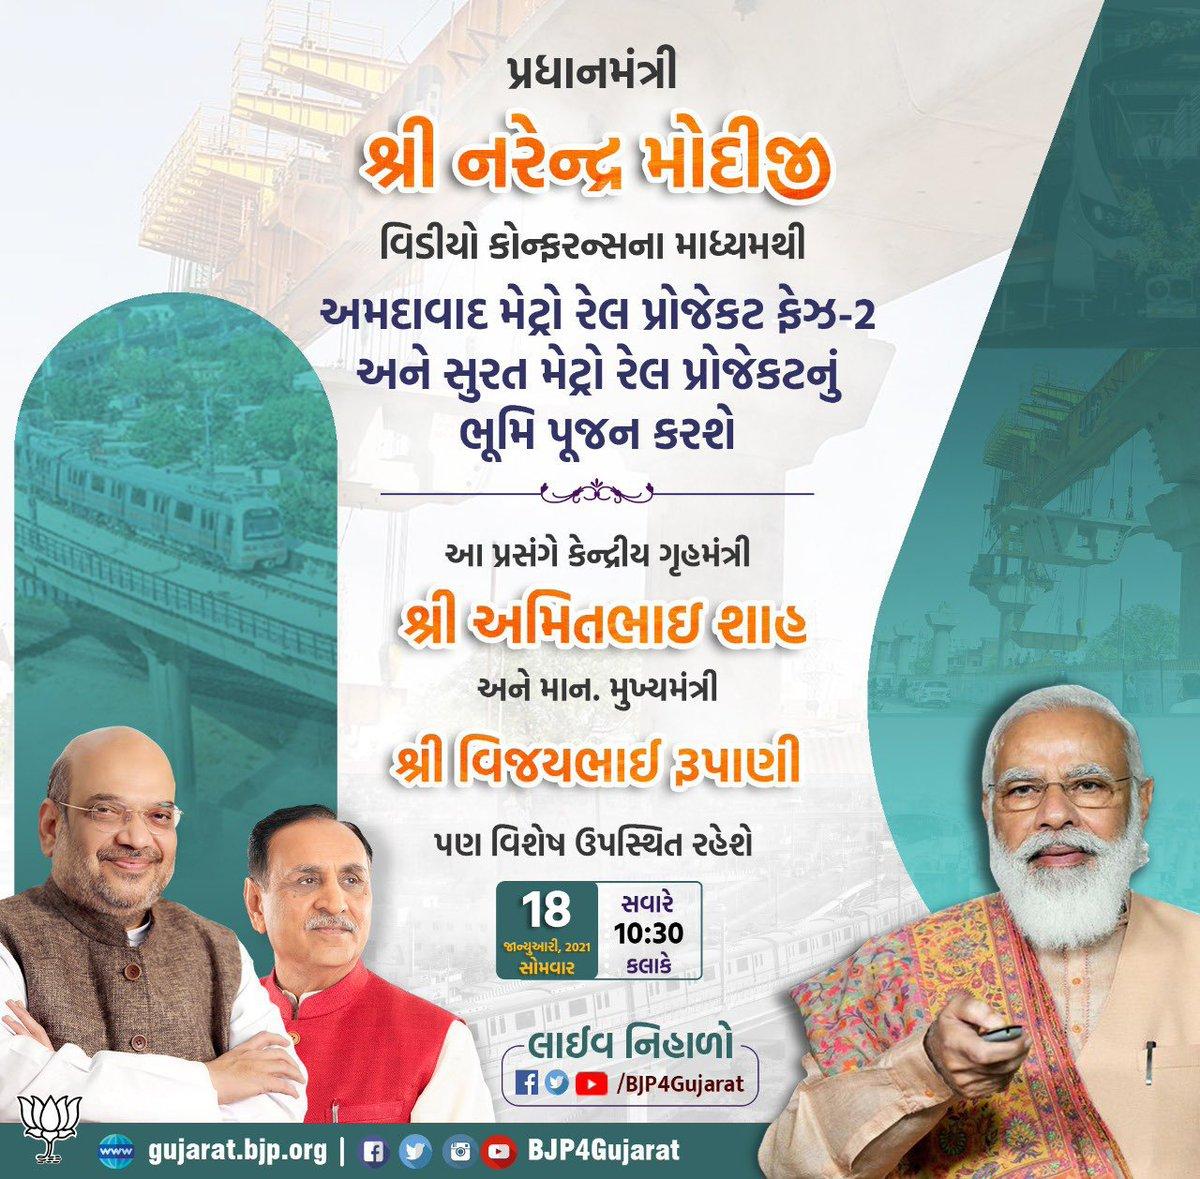 આજે અમદાવાદ અને સુરતની જનતા માટે મહત્વપૂર્ણ દિવસ છે. માનનીય પ્રધાનમંત્રી શ્રી  @narendramodiજી સુરત મેટ્રો અને અમદાવાદ મેટ્રોના ફેઝ-૨ નું ભુમિપૂજન કરશે. #GujaratMetroRevolution